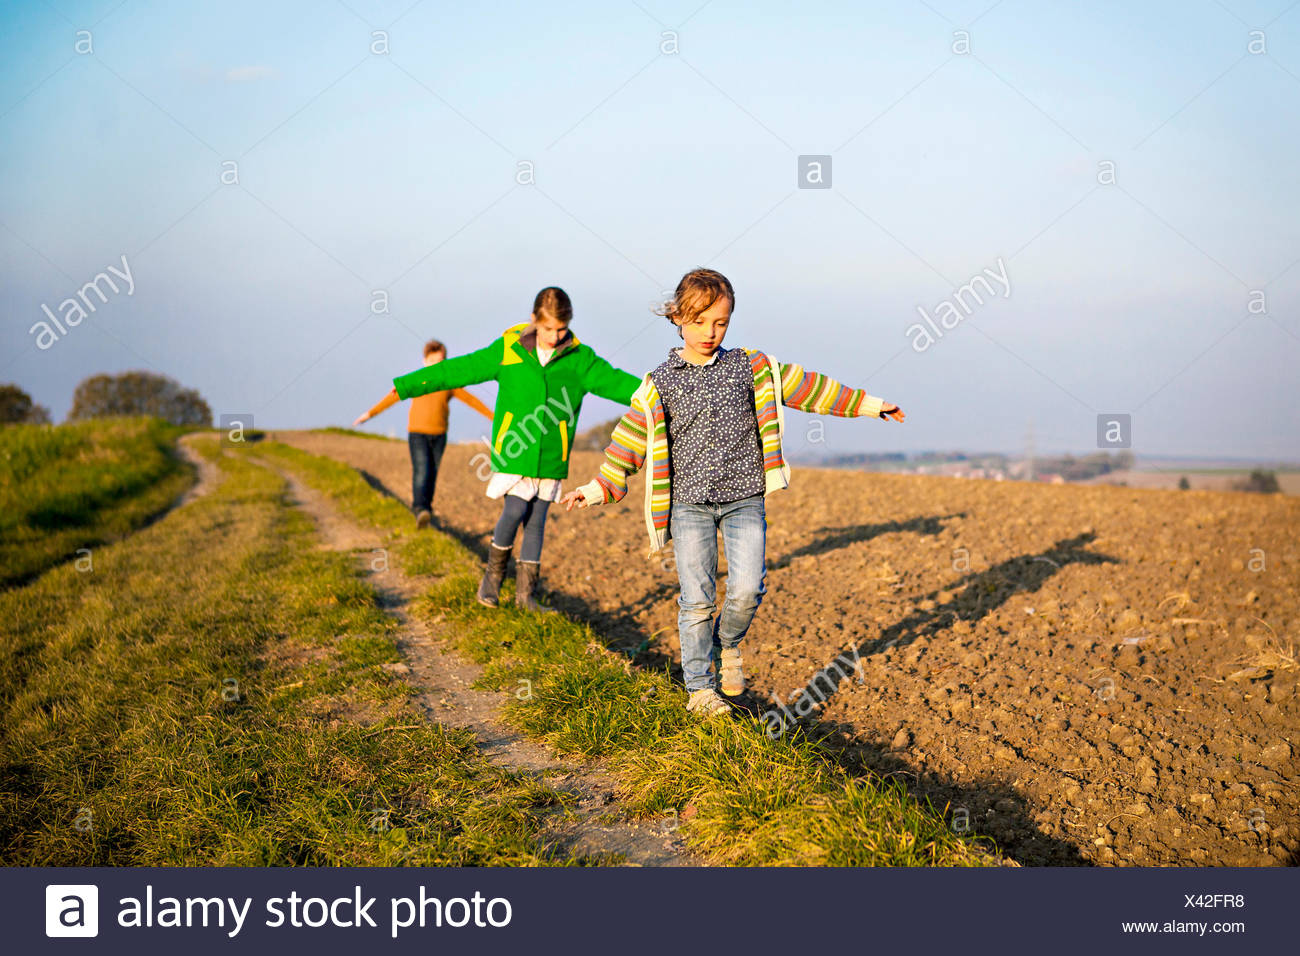 Drei Kinder spielen im freien Stockbild